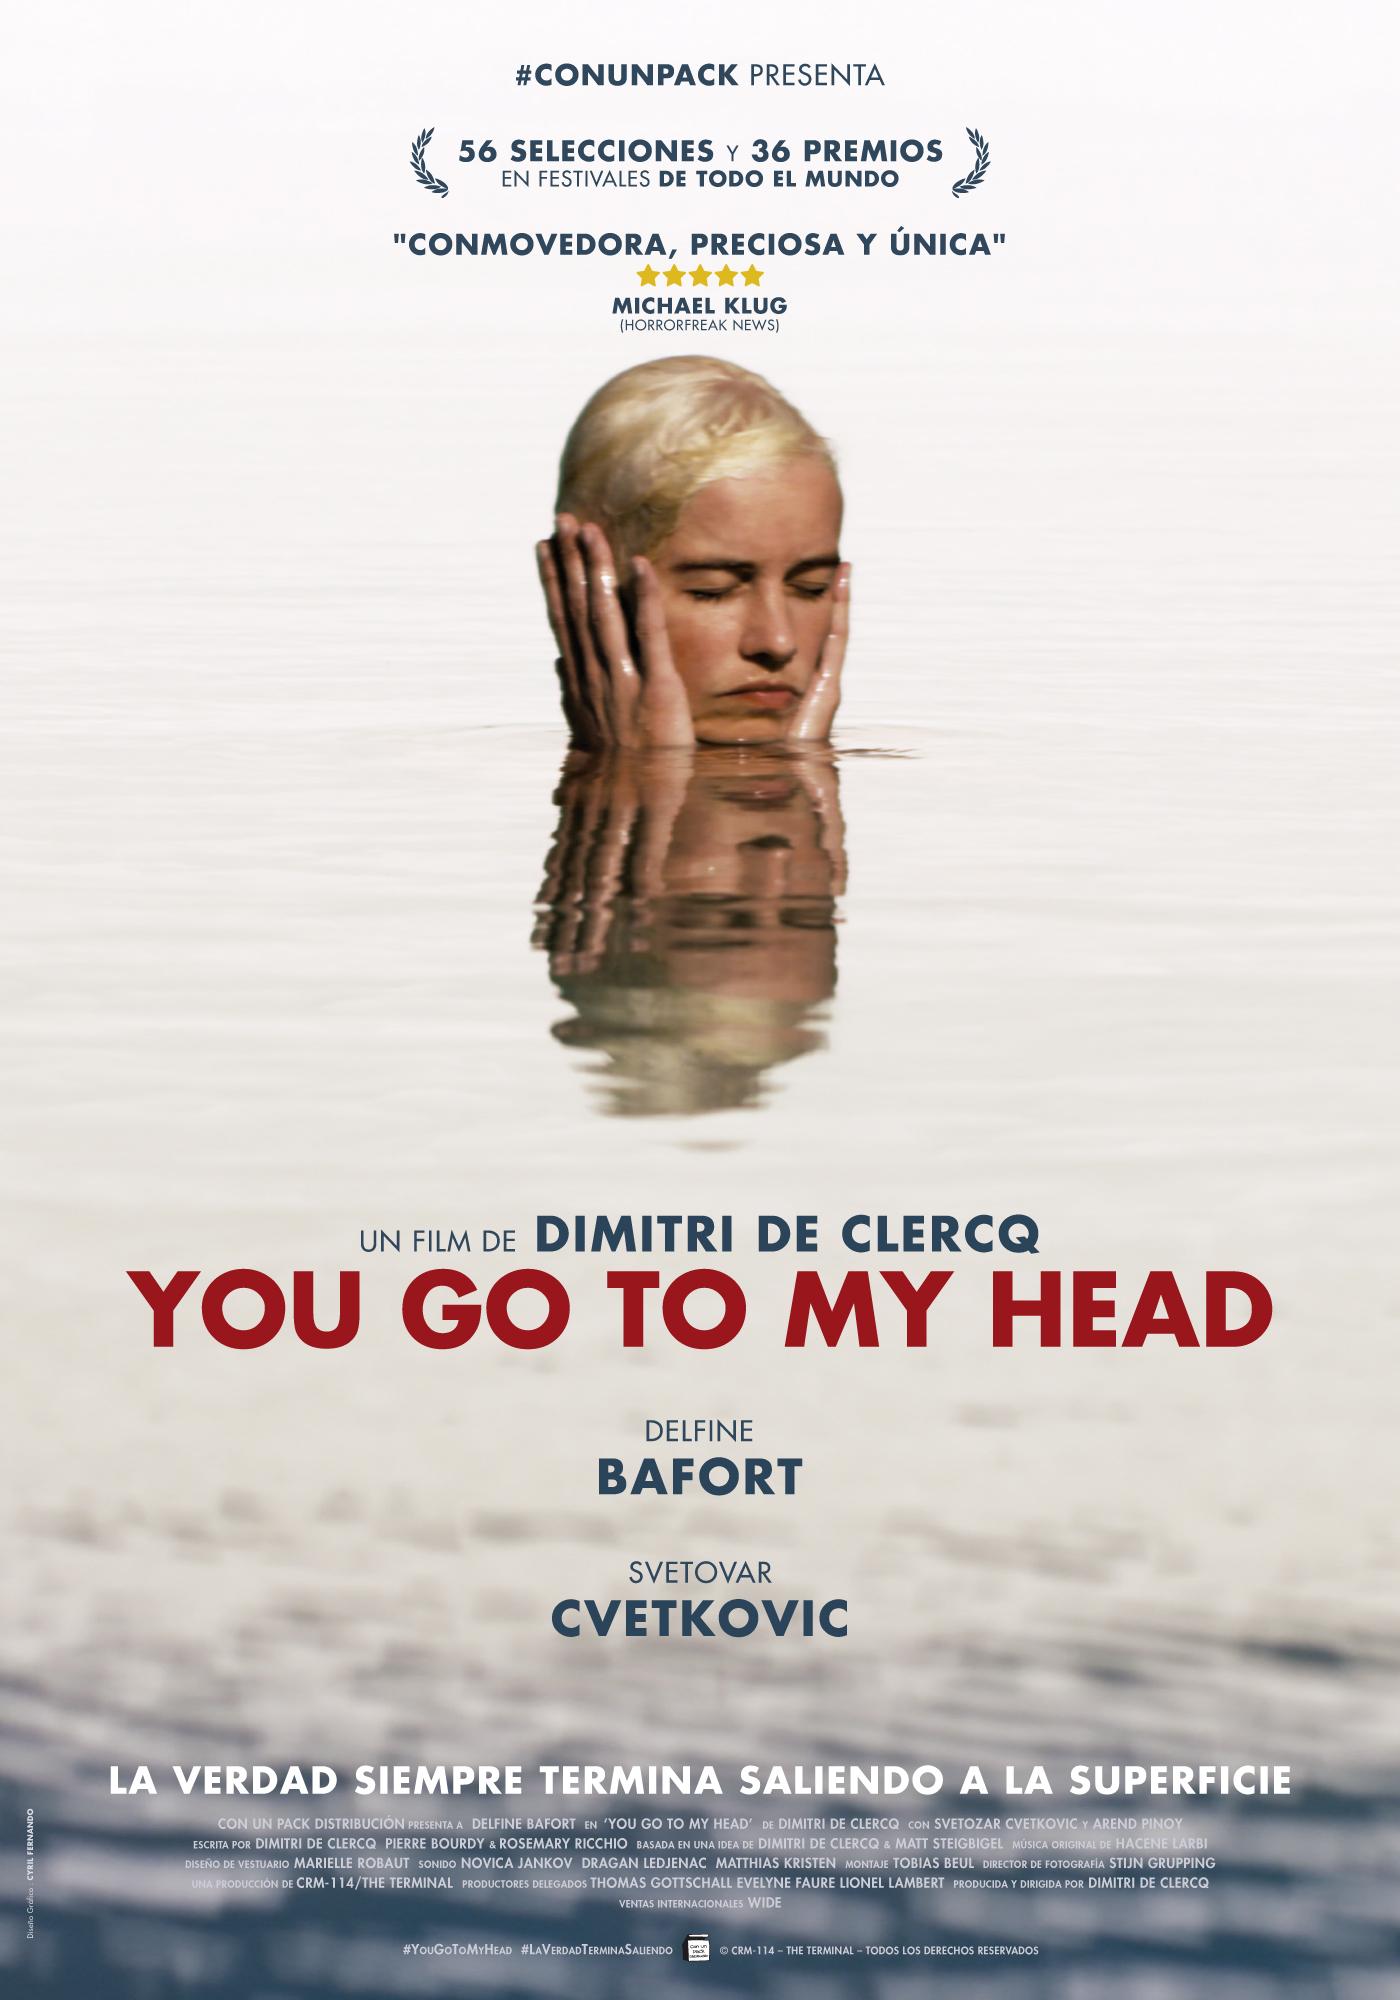 'You go to my Head': ¿Escogemos nuestro camino?